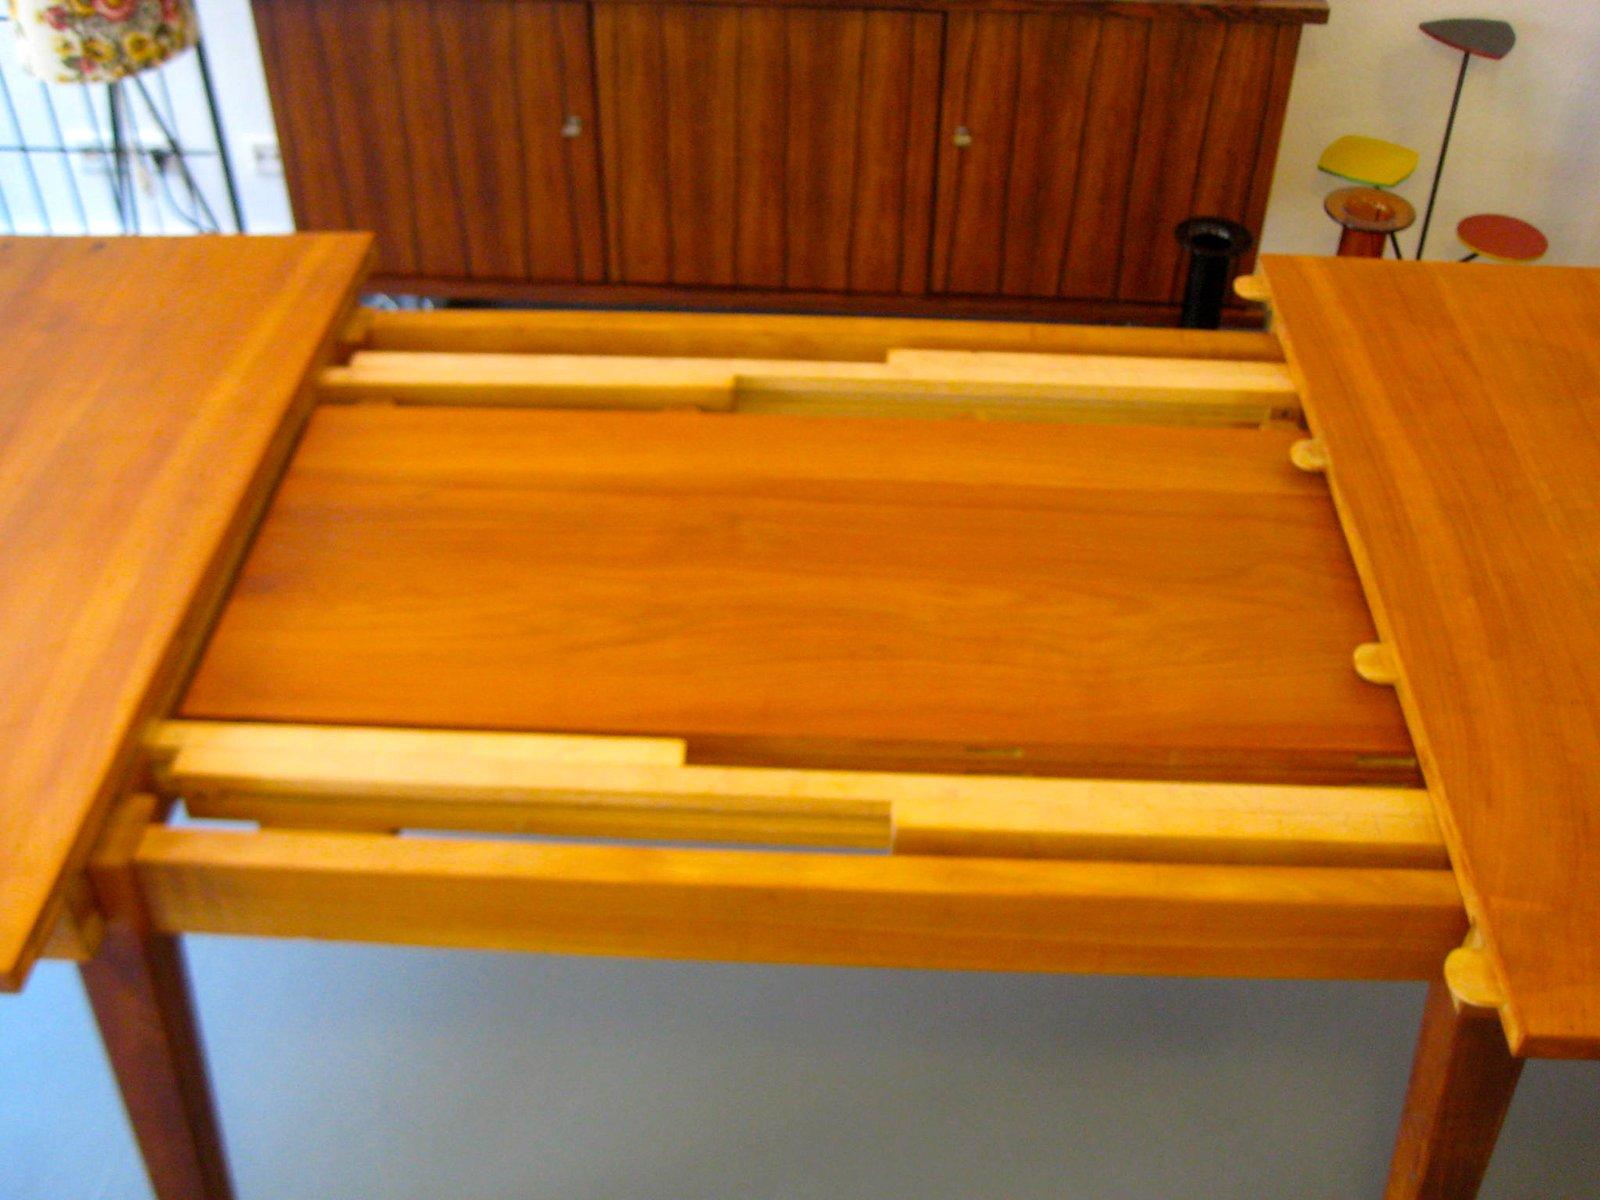 Vintage kirschbaumholz esszimmertisch bei pamono kaufen for Vintage esszimmertisch